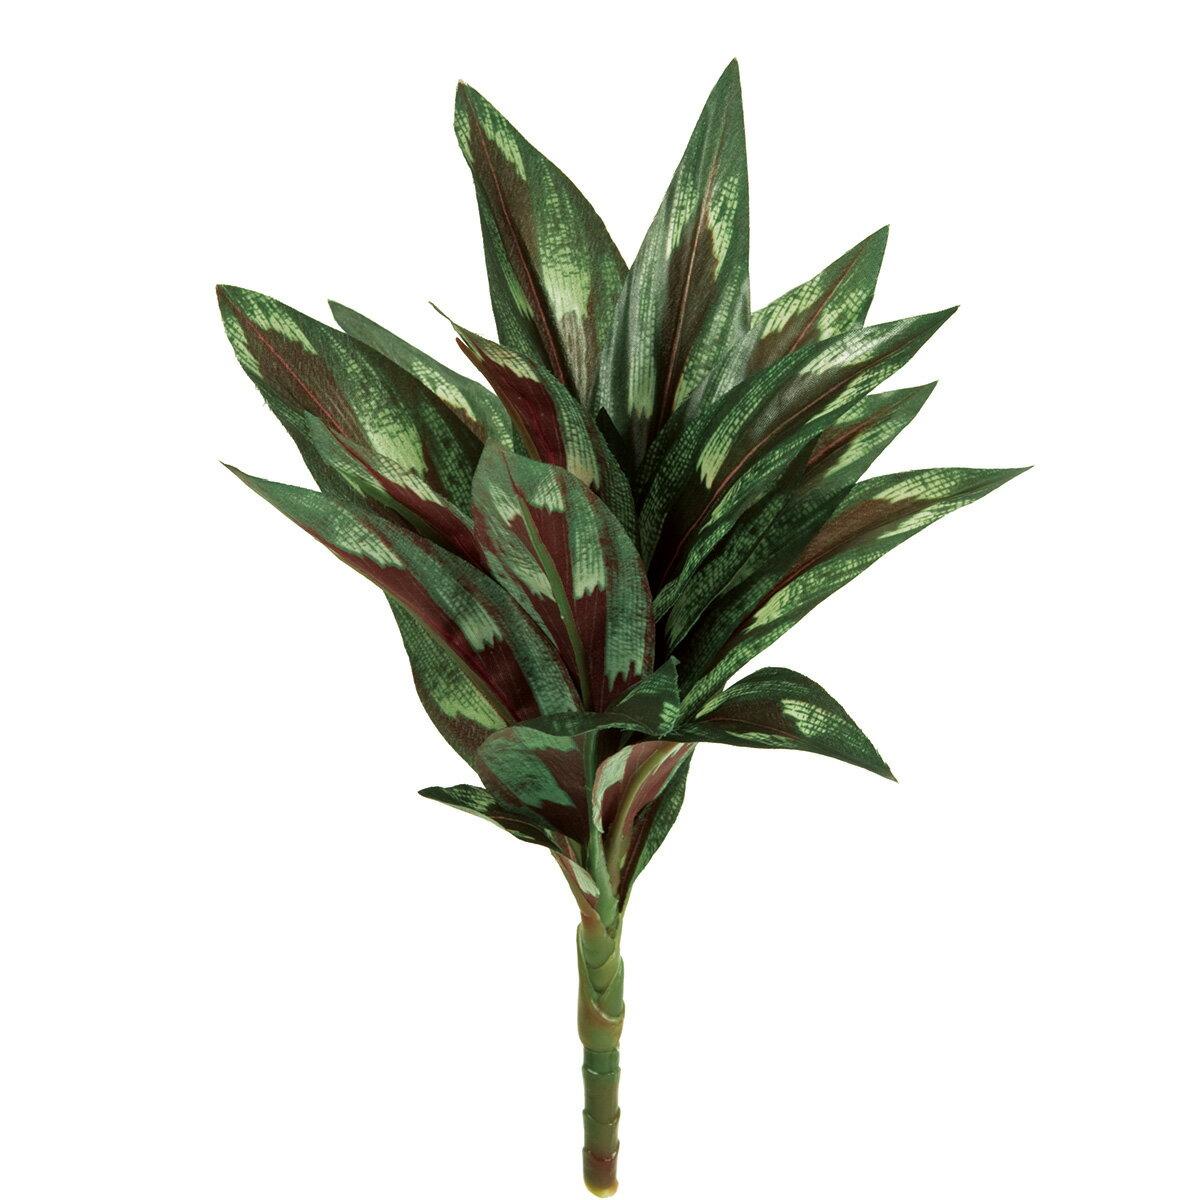 【造花】MAGIQ(東京堂)/コルディリネミニブッシュ #24 GR/MIX/FG000319-024【01】【取寄】《 造花(アーティフィシャルフラワー) 造花葉物、フェイクグリーン その他の造花葉物・フェイクグリーン 》